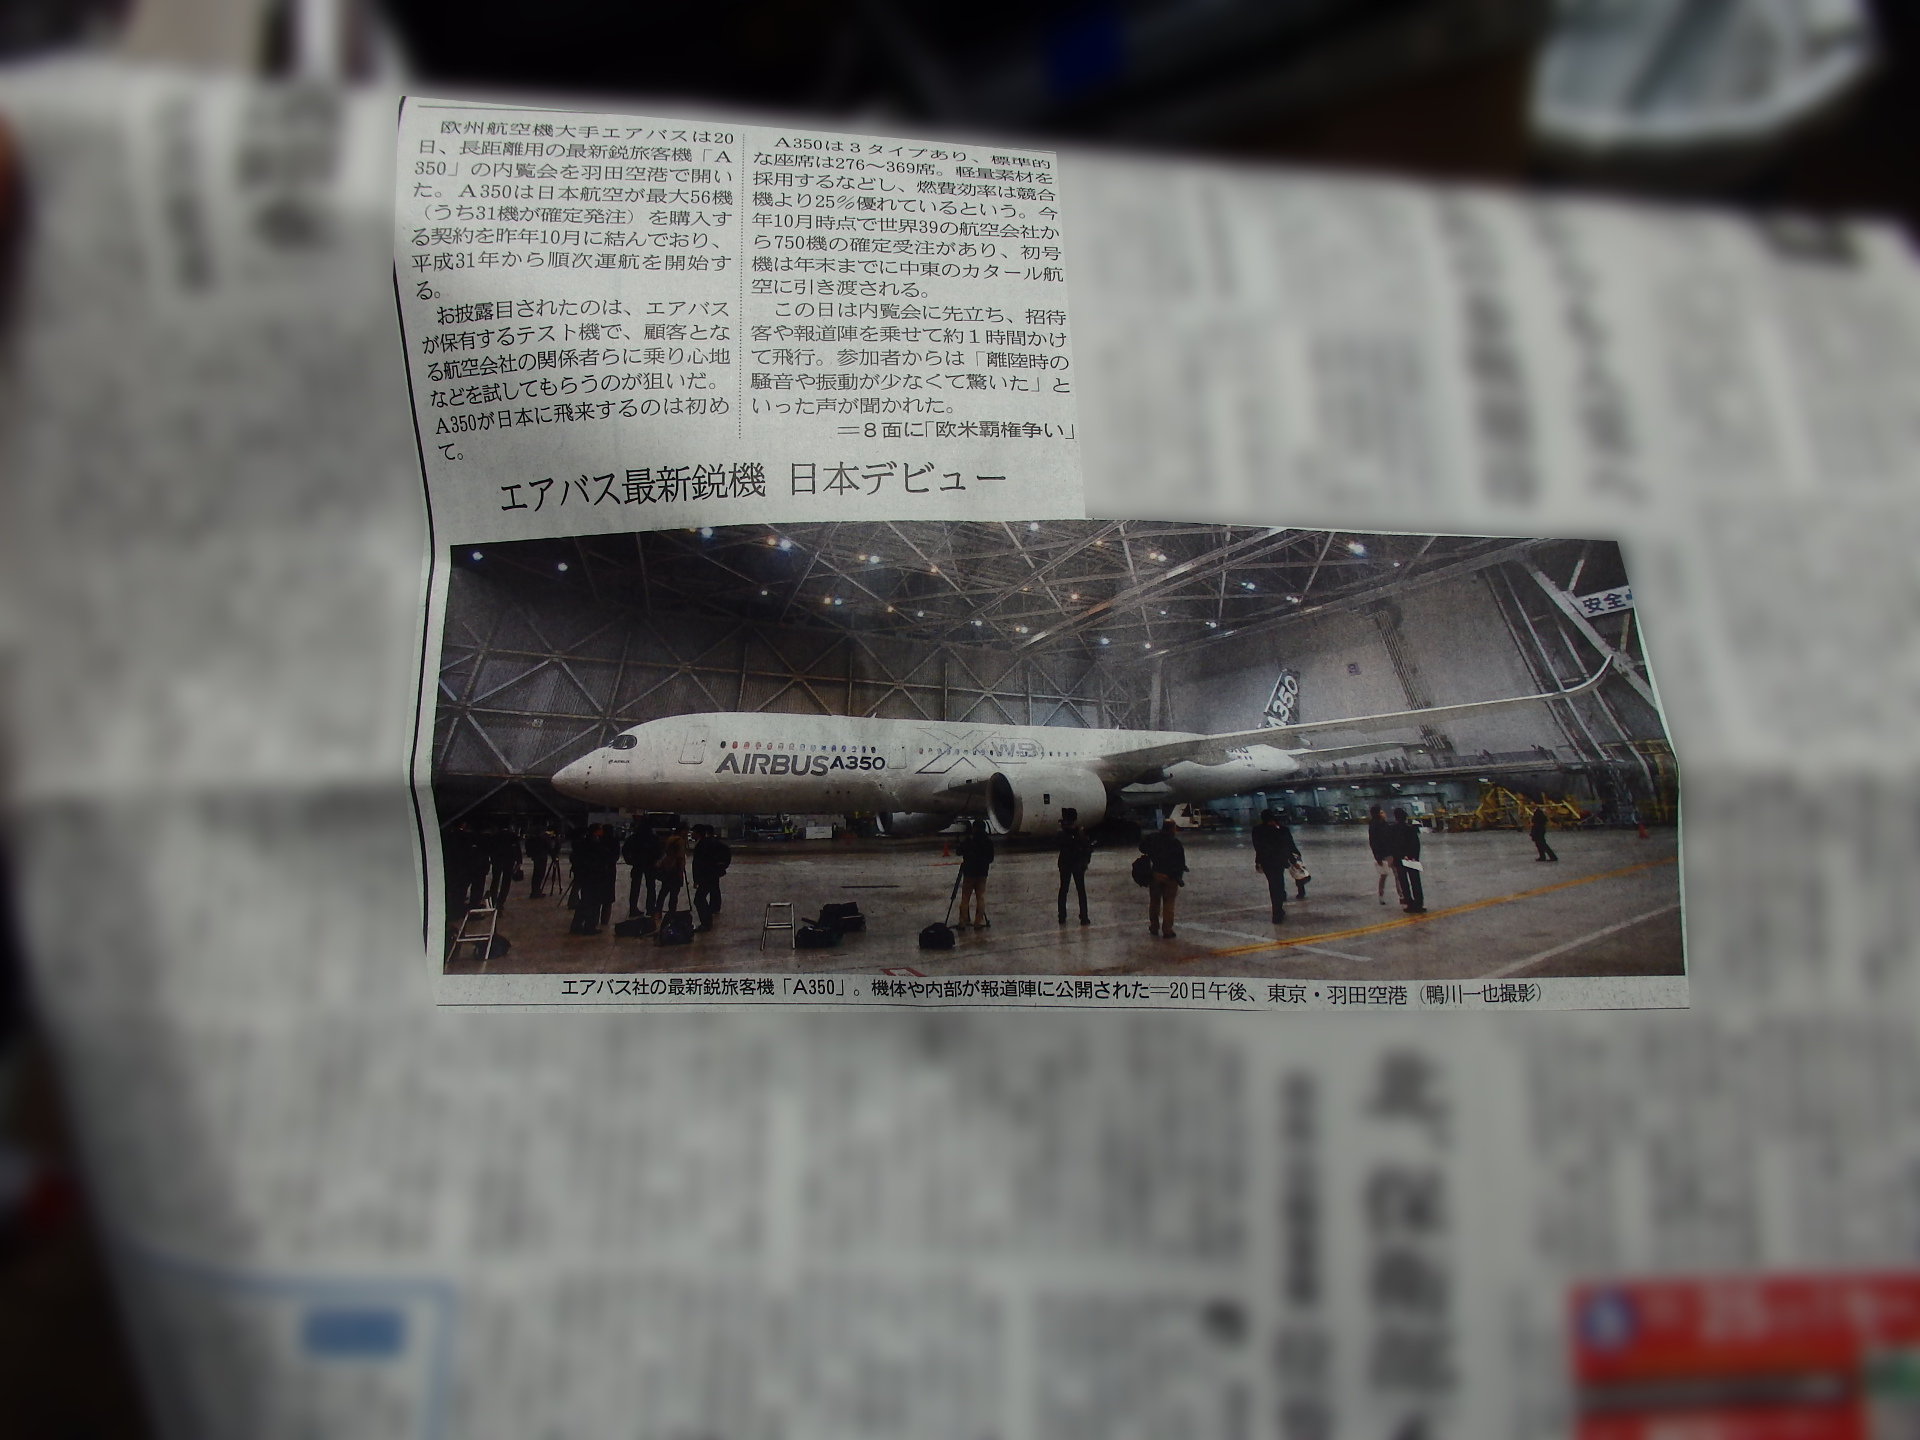 A350−900機のお披露目会の記事です。